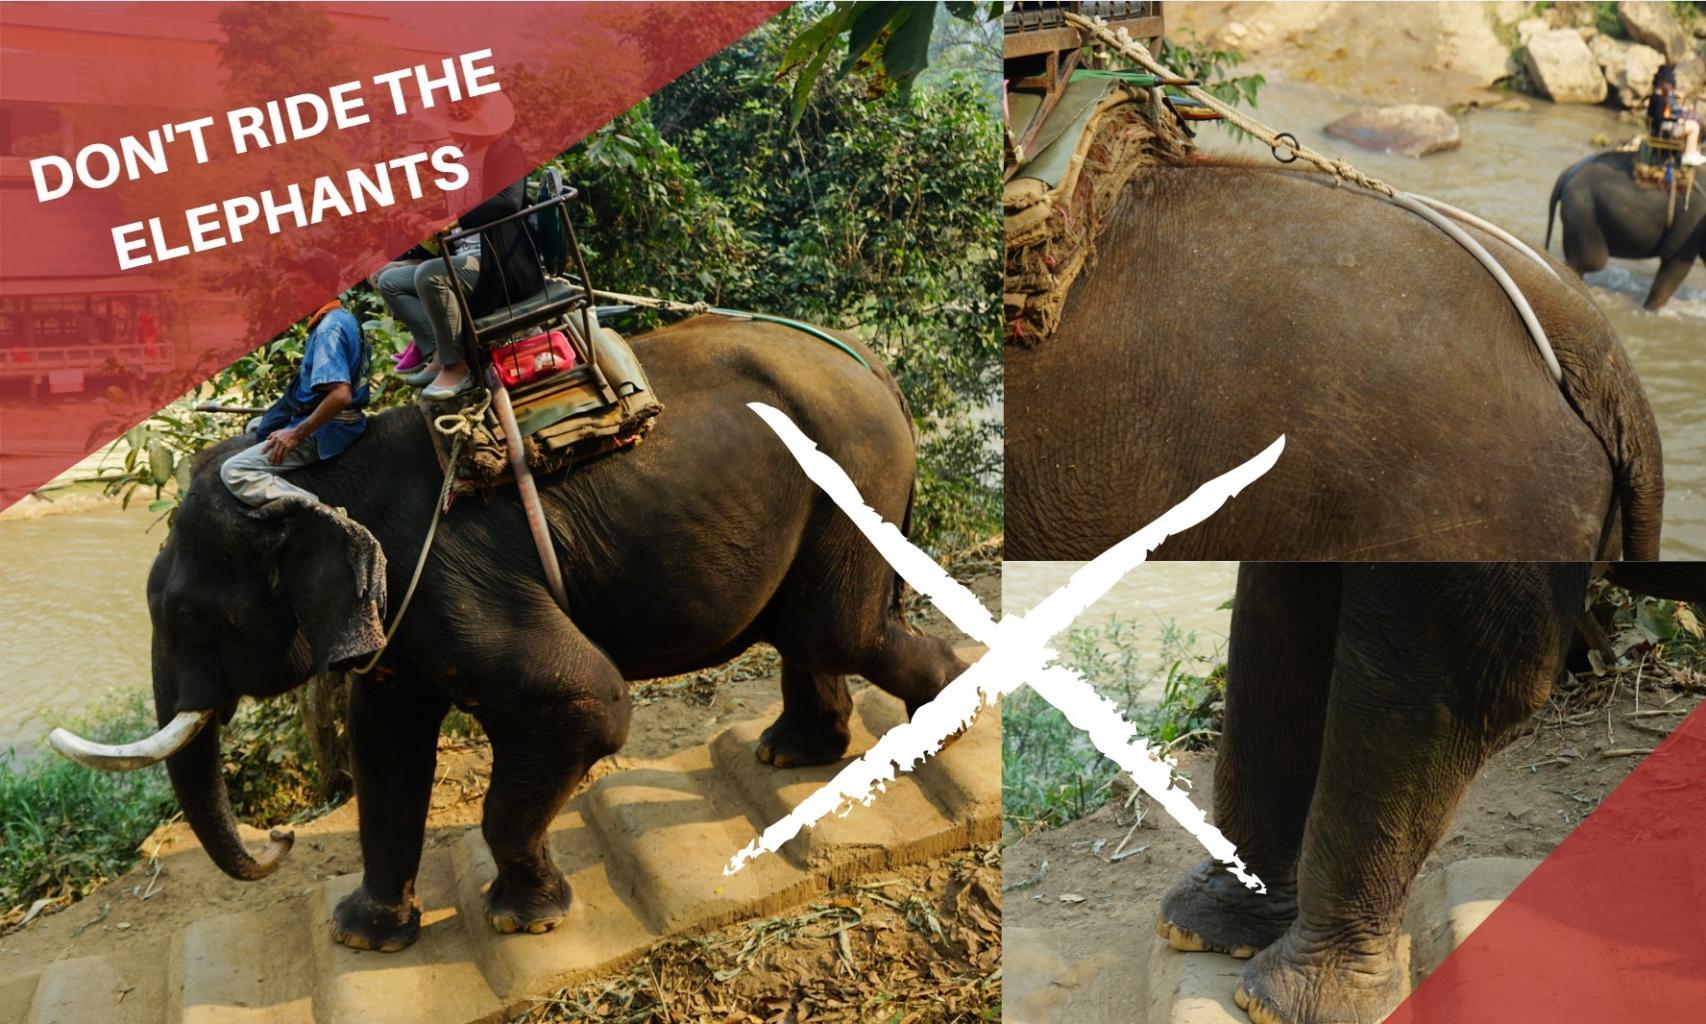 拒騎大象!不要騎大象的九個原因!2019湄登大象學校直擊紀錄